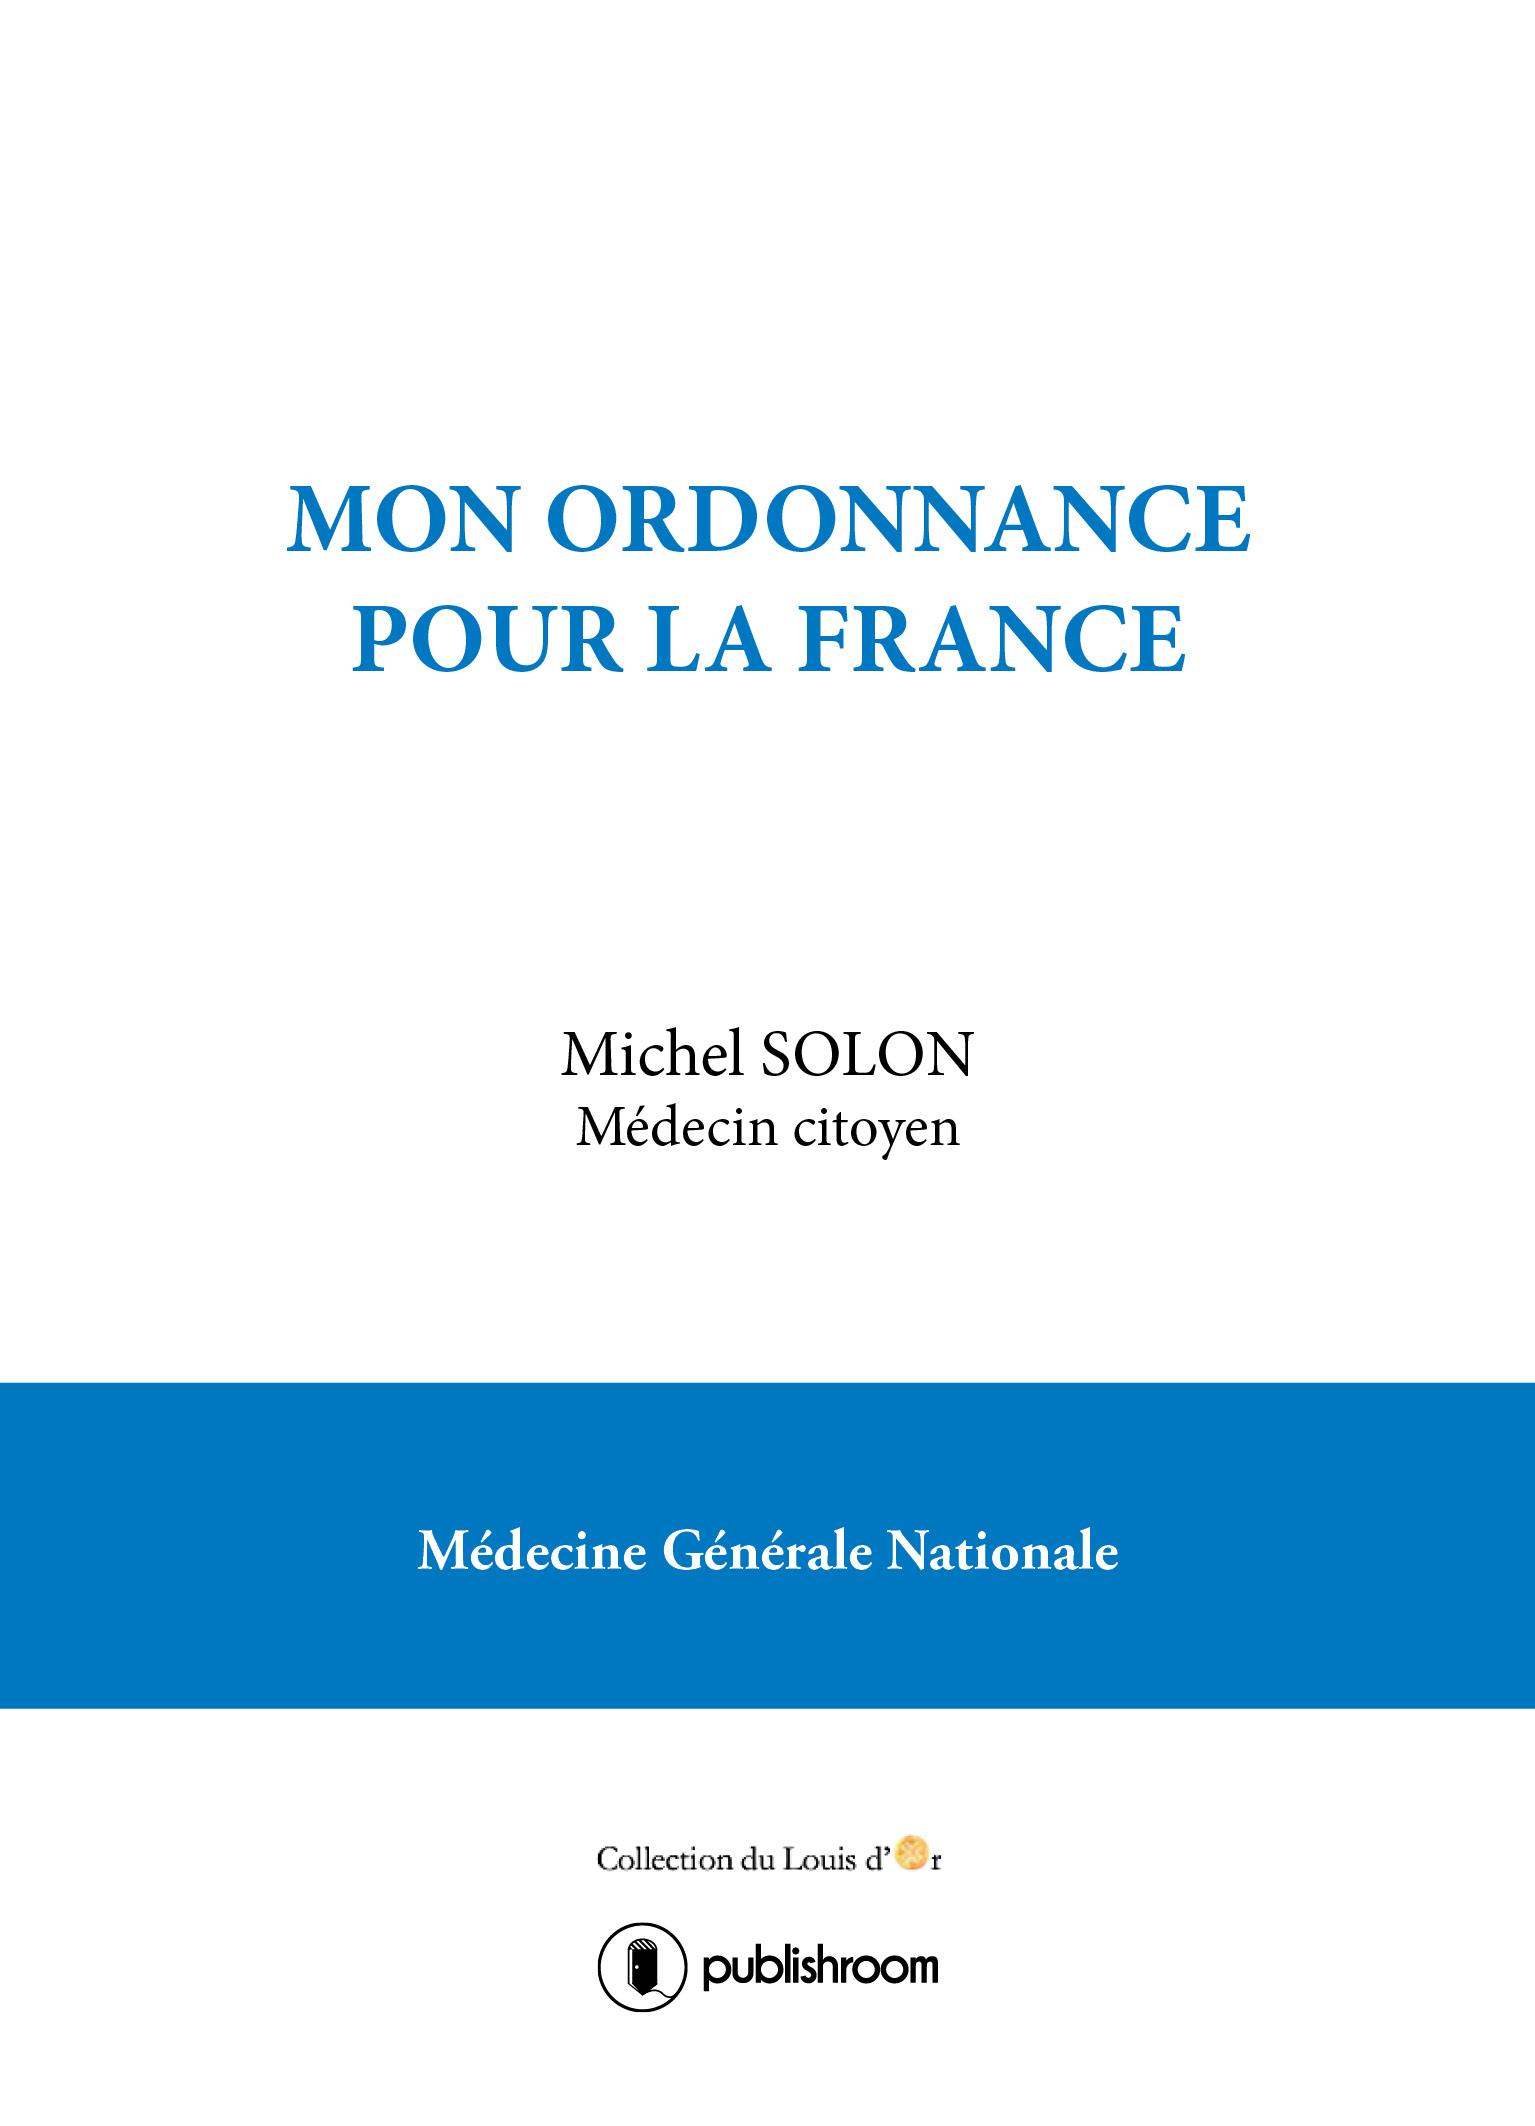 Mon ordonnance pour la France